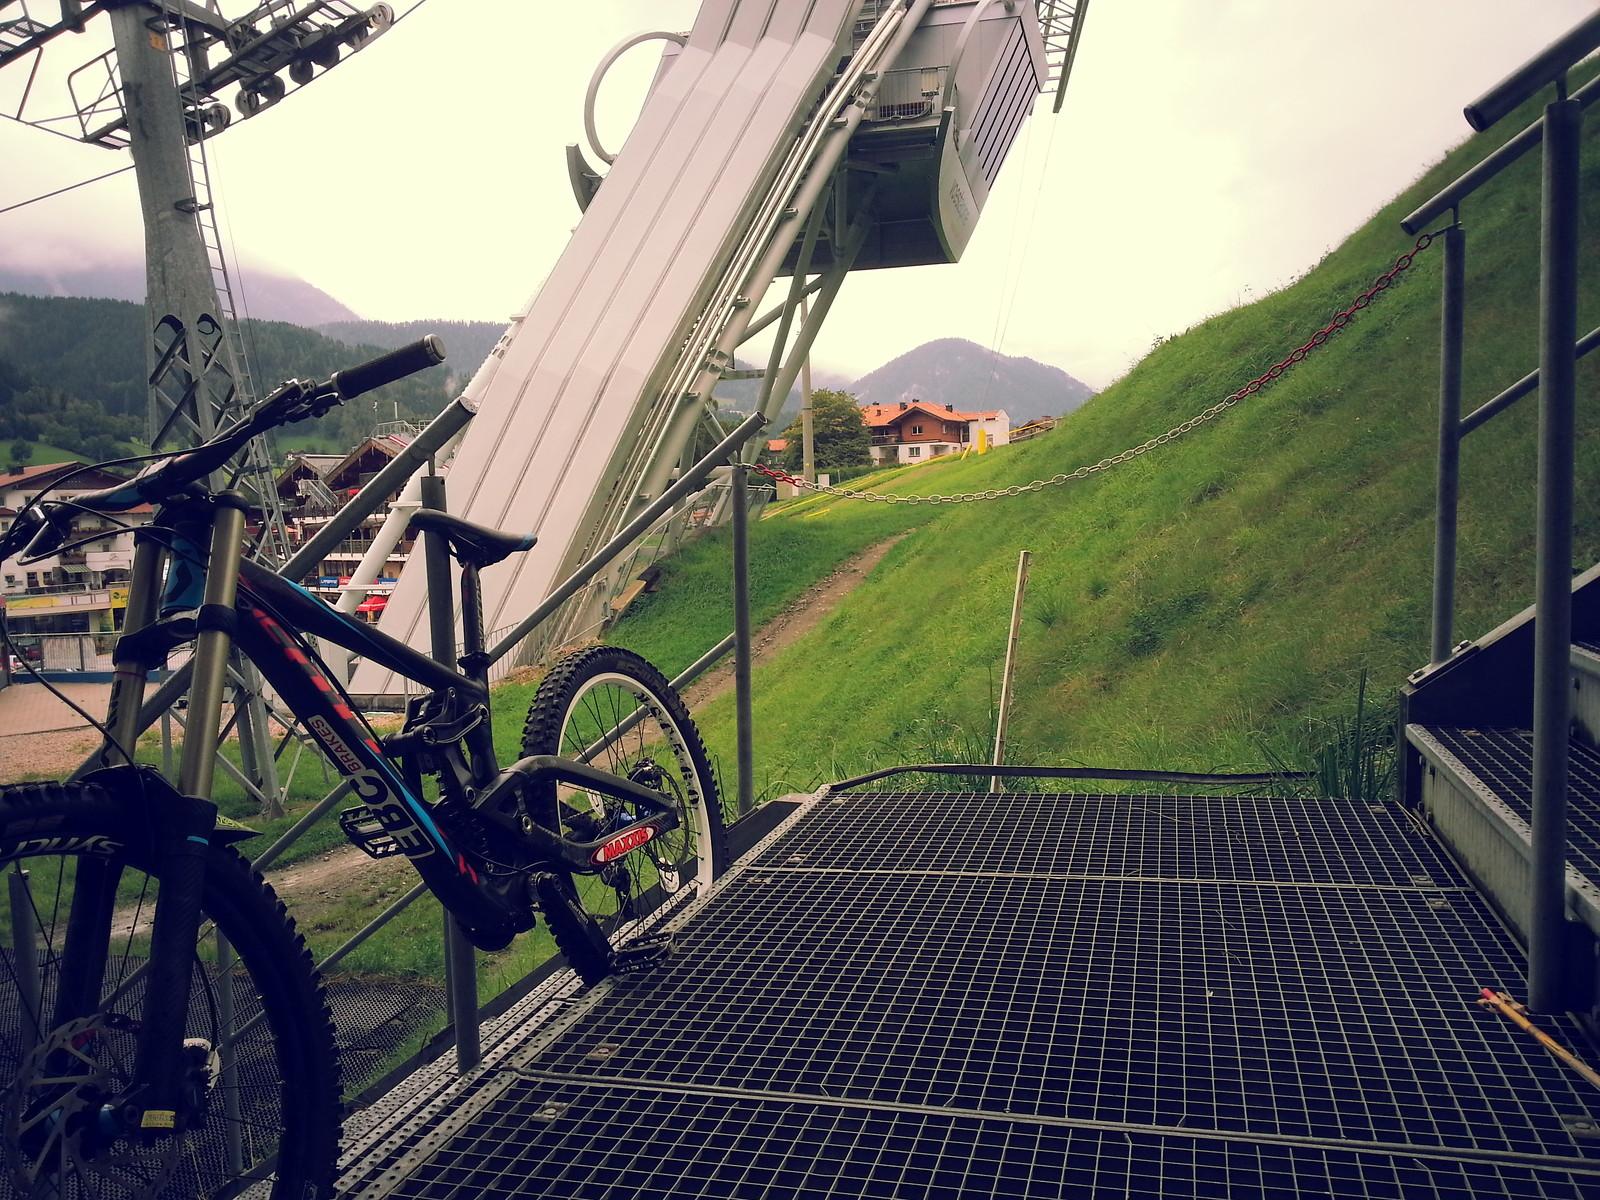 Semmering bikepark ÖE